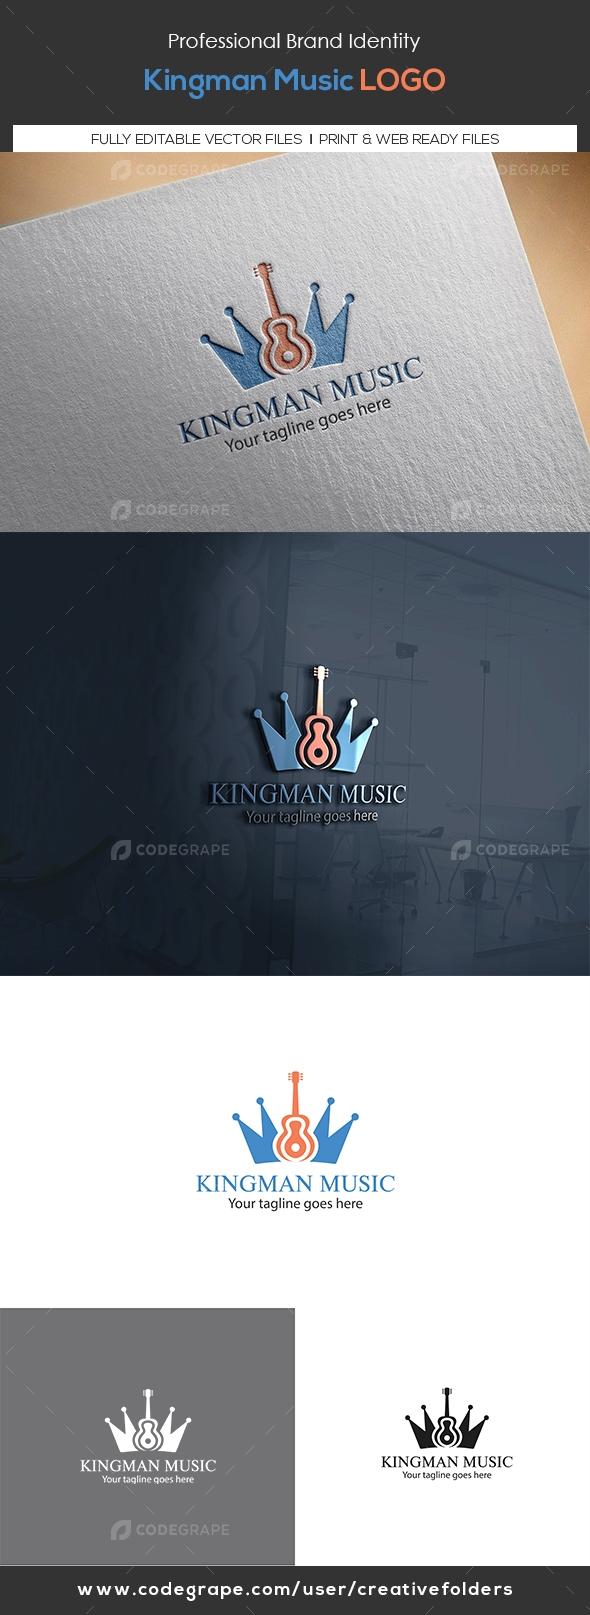 Kingman Music Logo